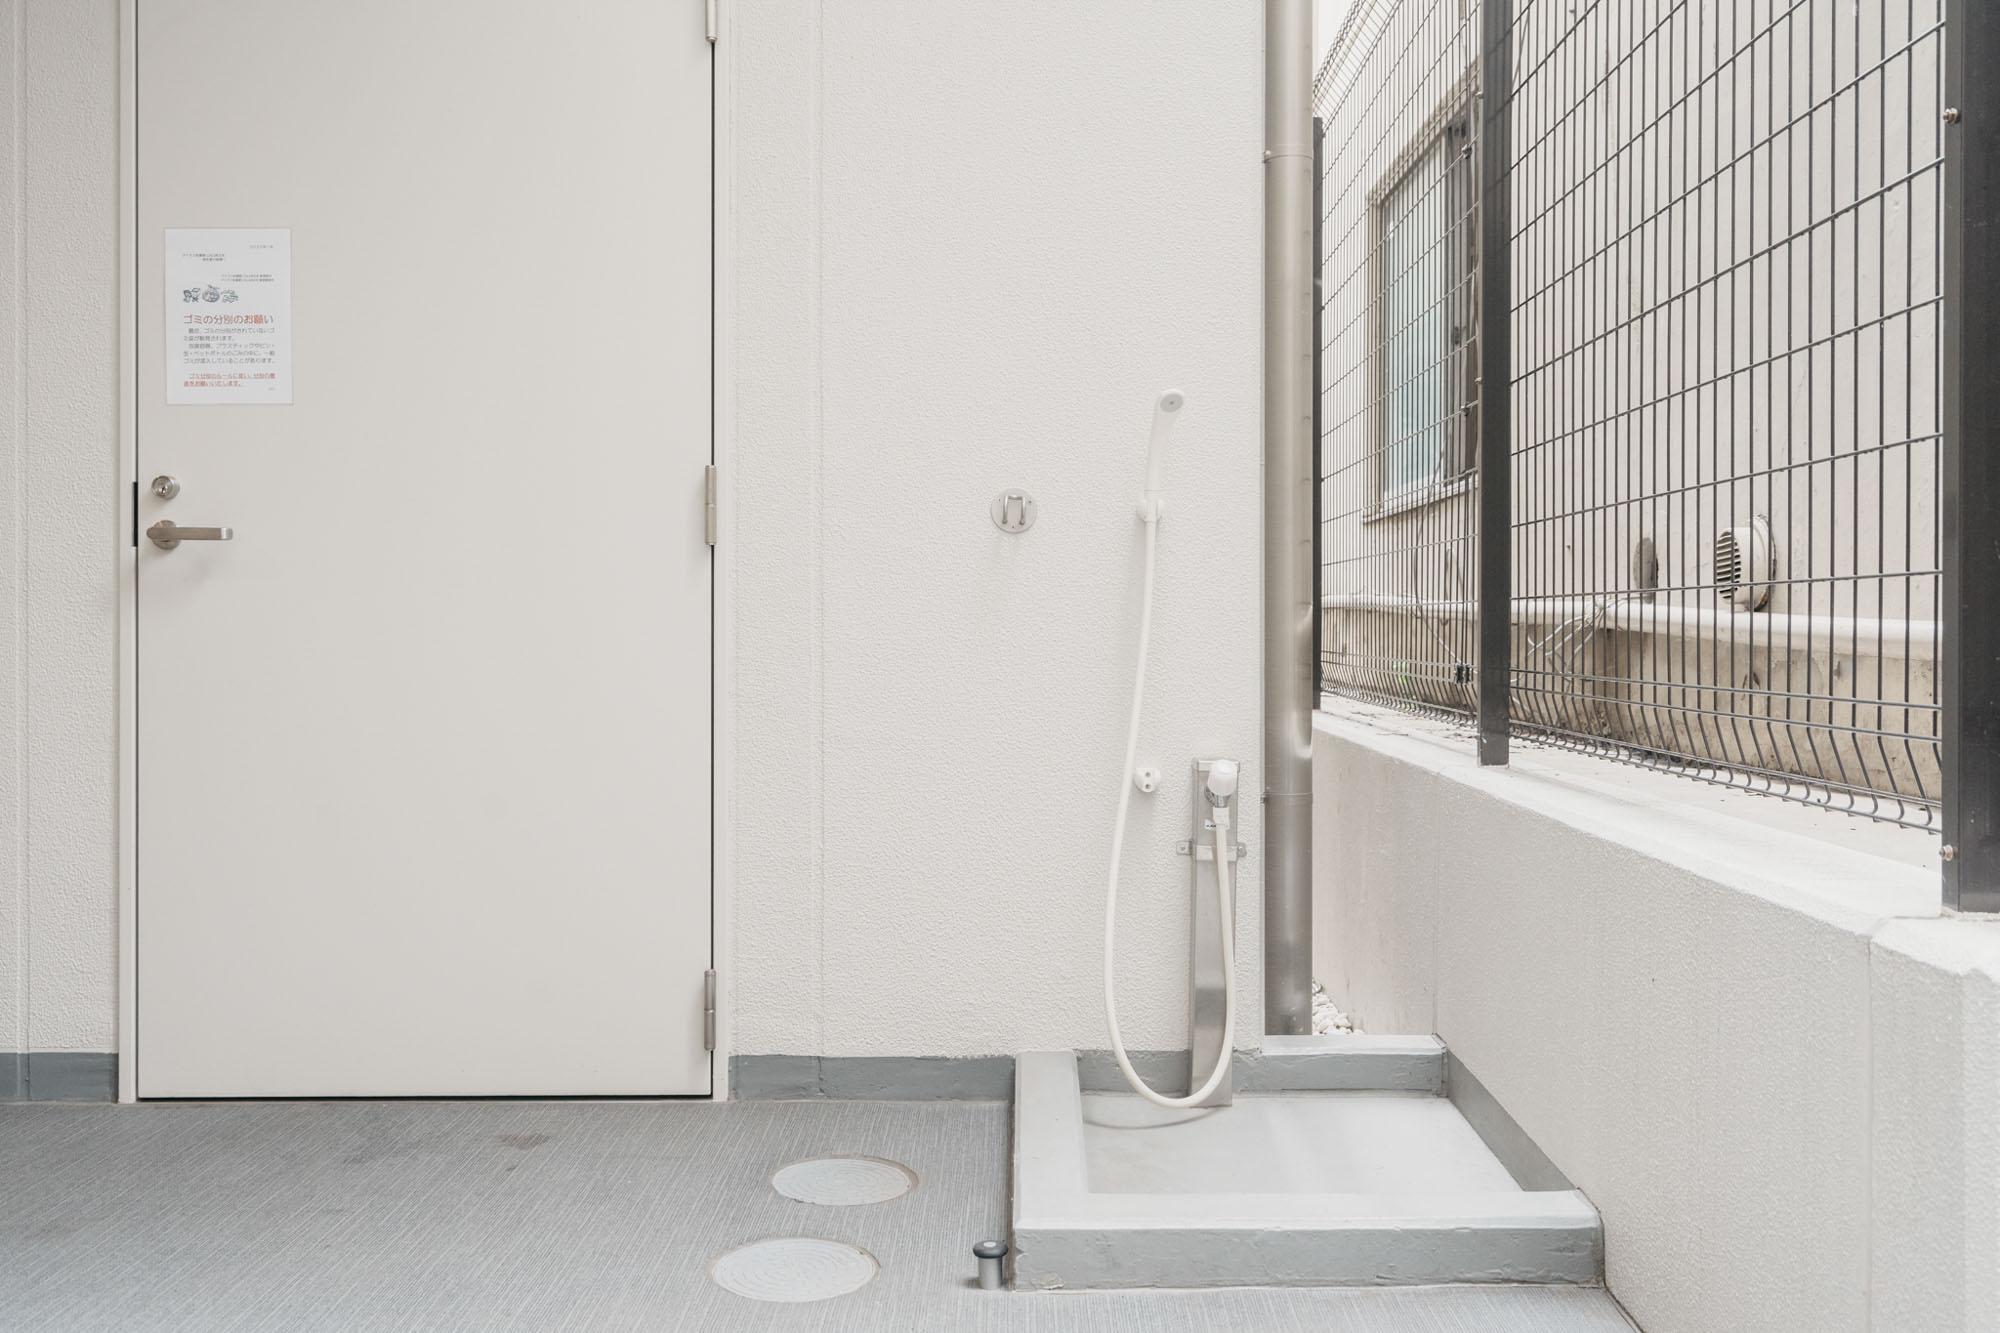 そしてこのマンション、ペットOKなのが嬉しいです!共用部にはワンちゃん用の足洗い場も整備されていました。